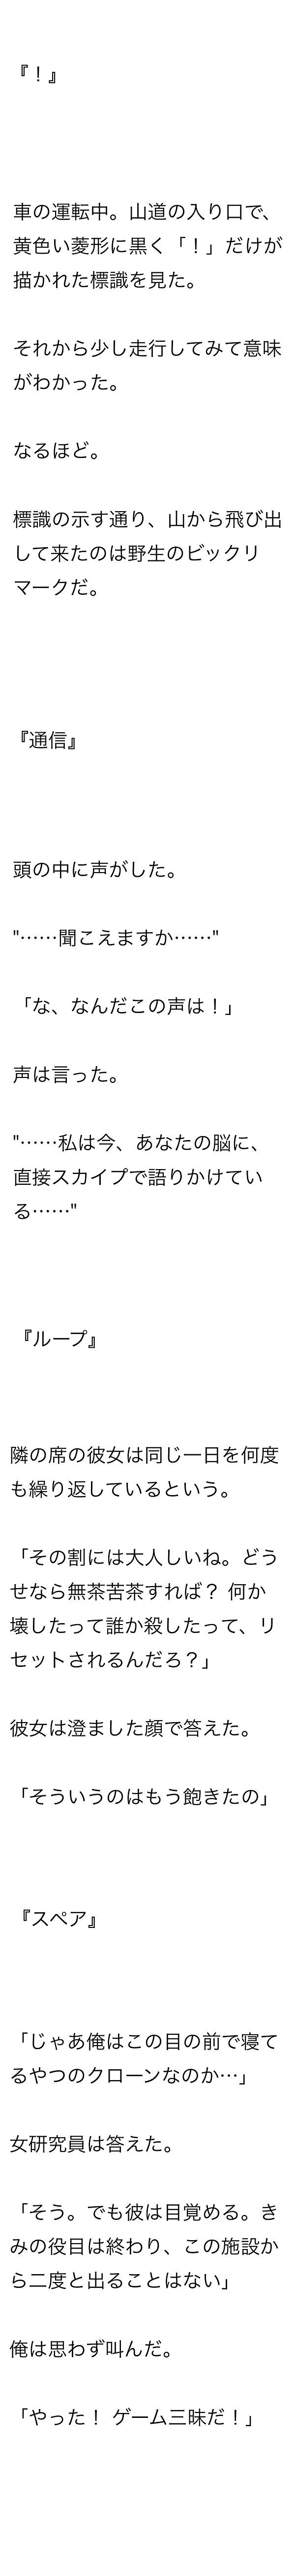 sekine_2.jpg